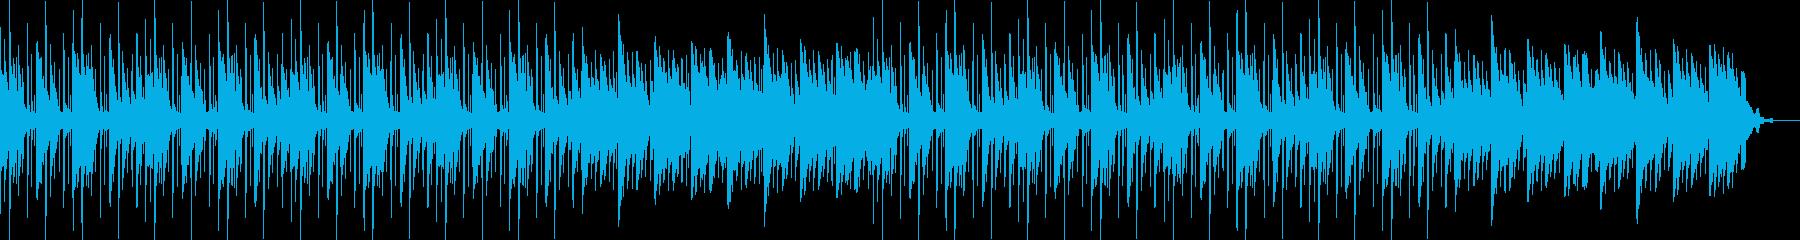 神秘的・リラックス・チルアウト・温かいの再生済みの波形